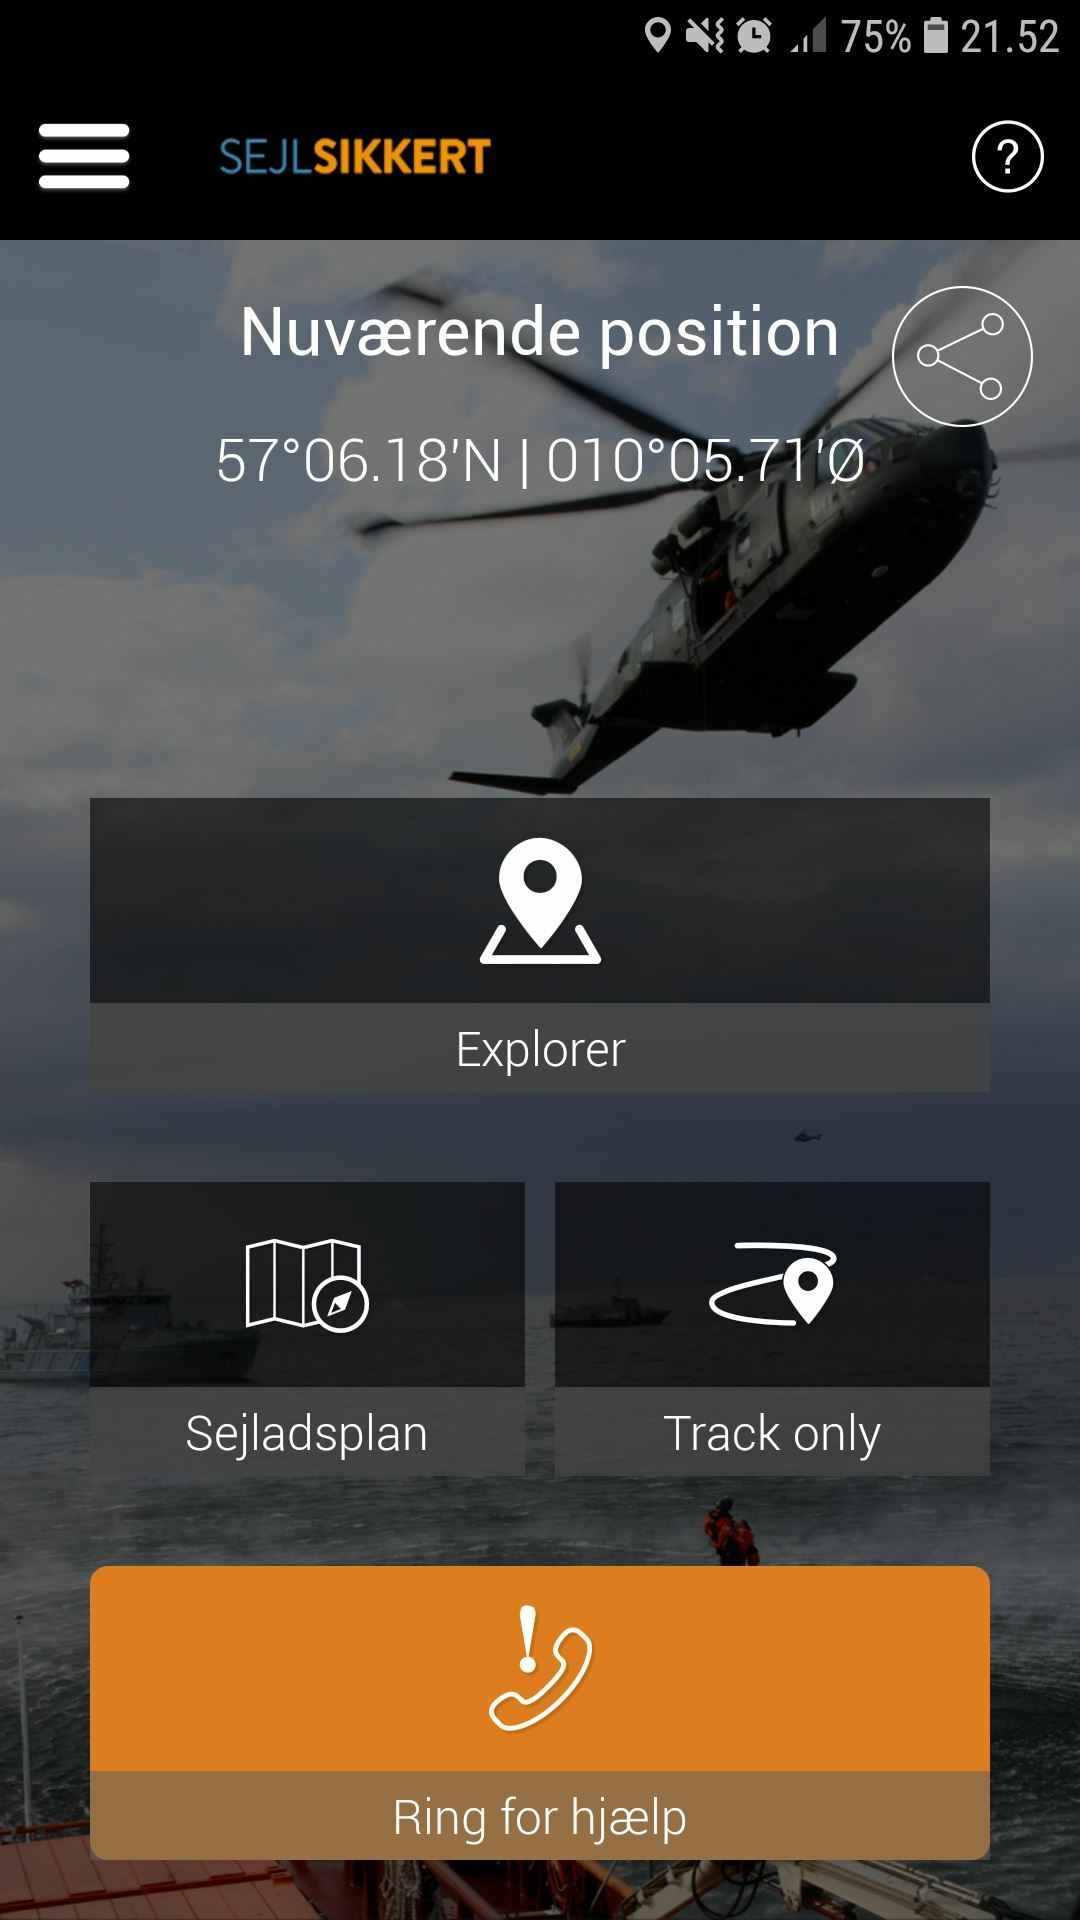 Sejlsikkert-Alarm-Main.jpg